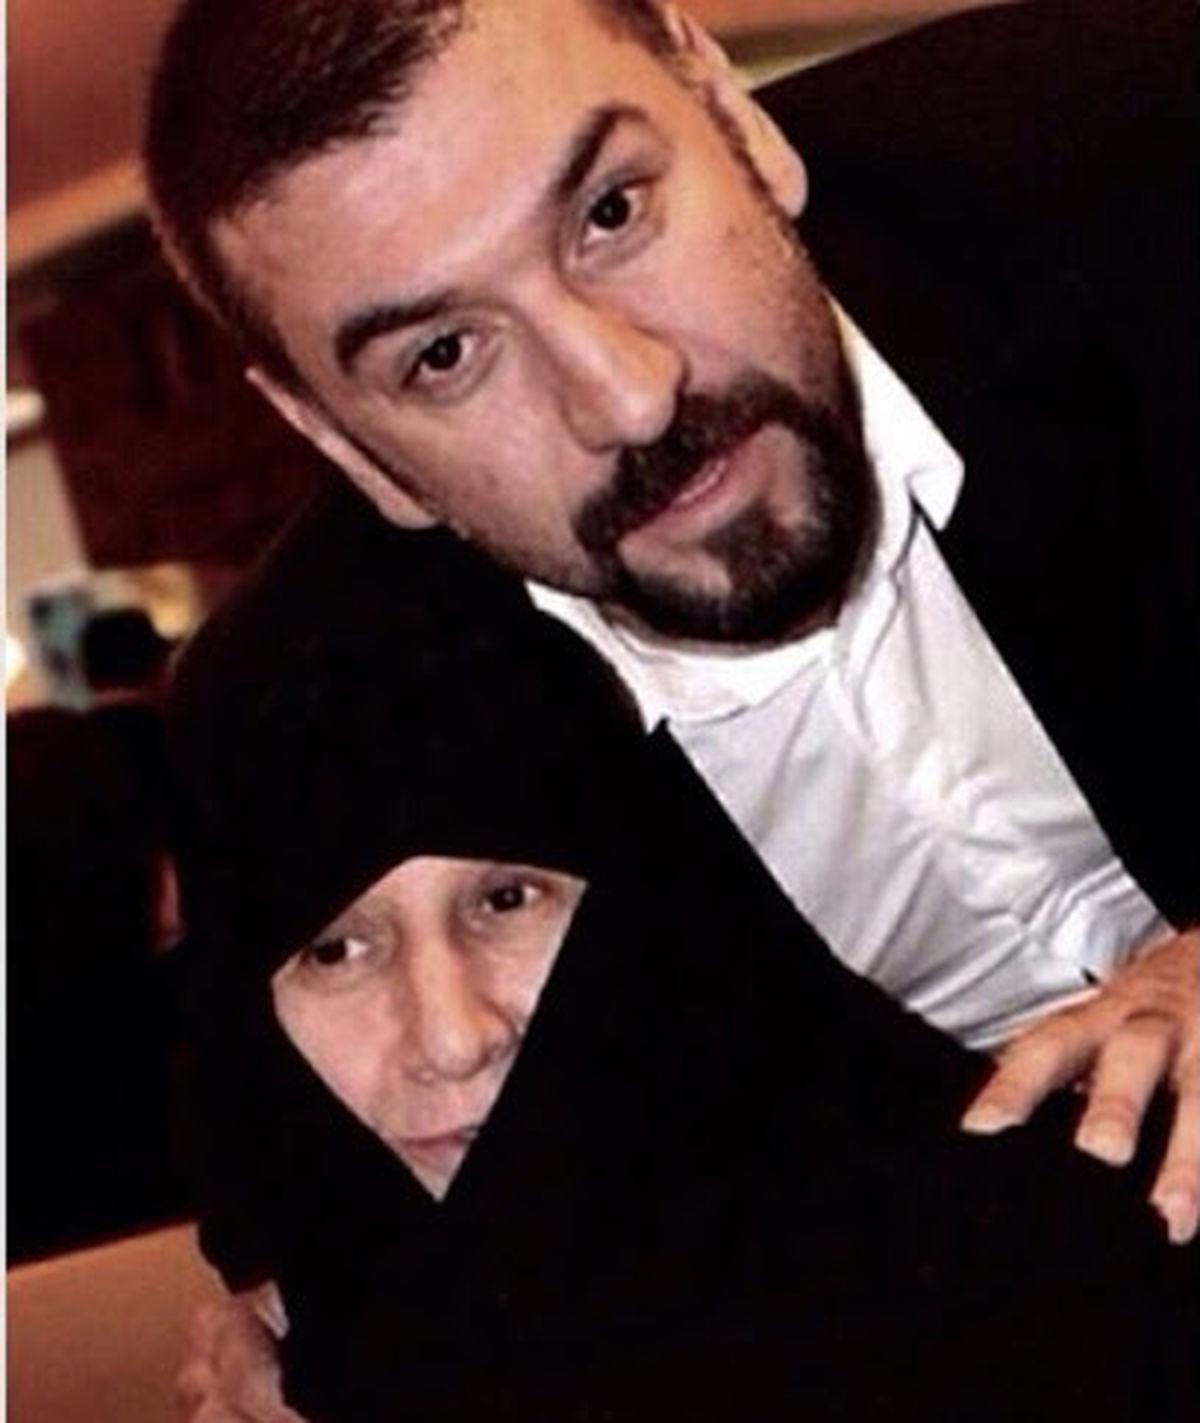 مادر علی انصاریان در بیمارستان بستری شد!